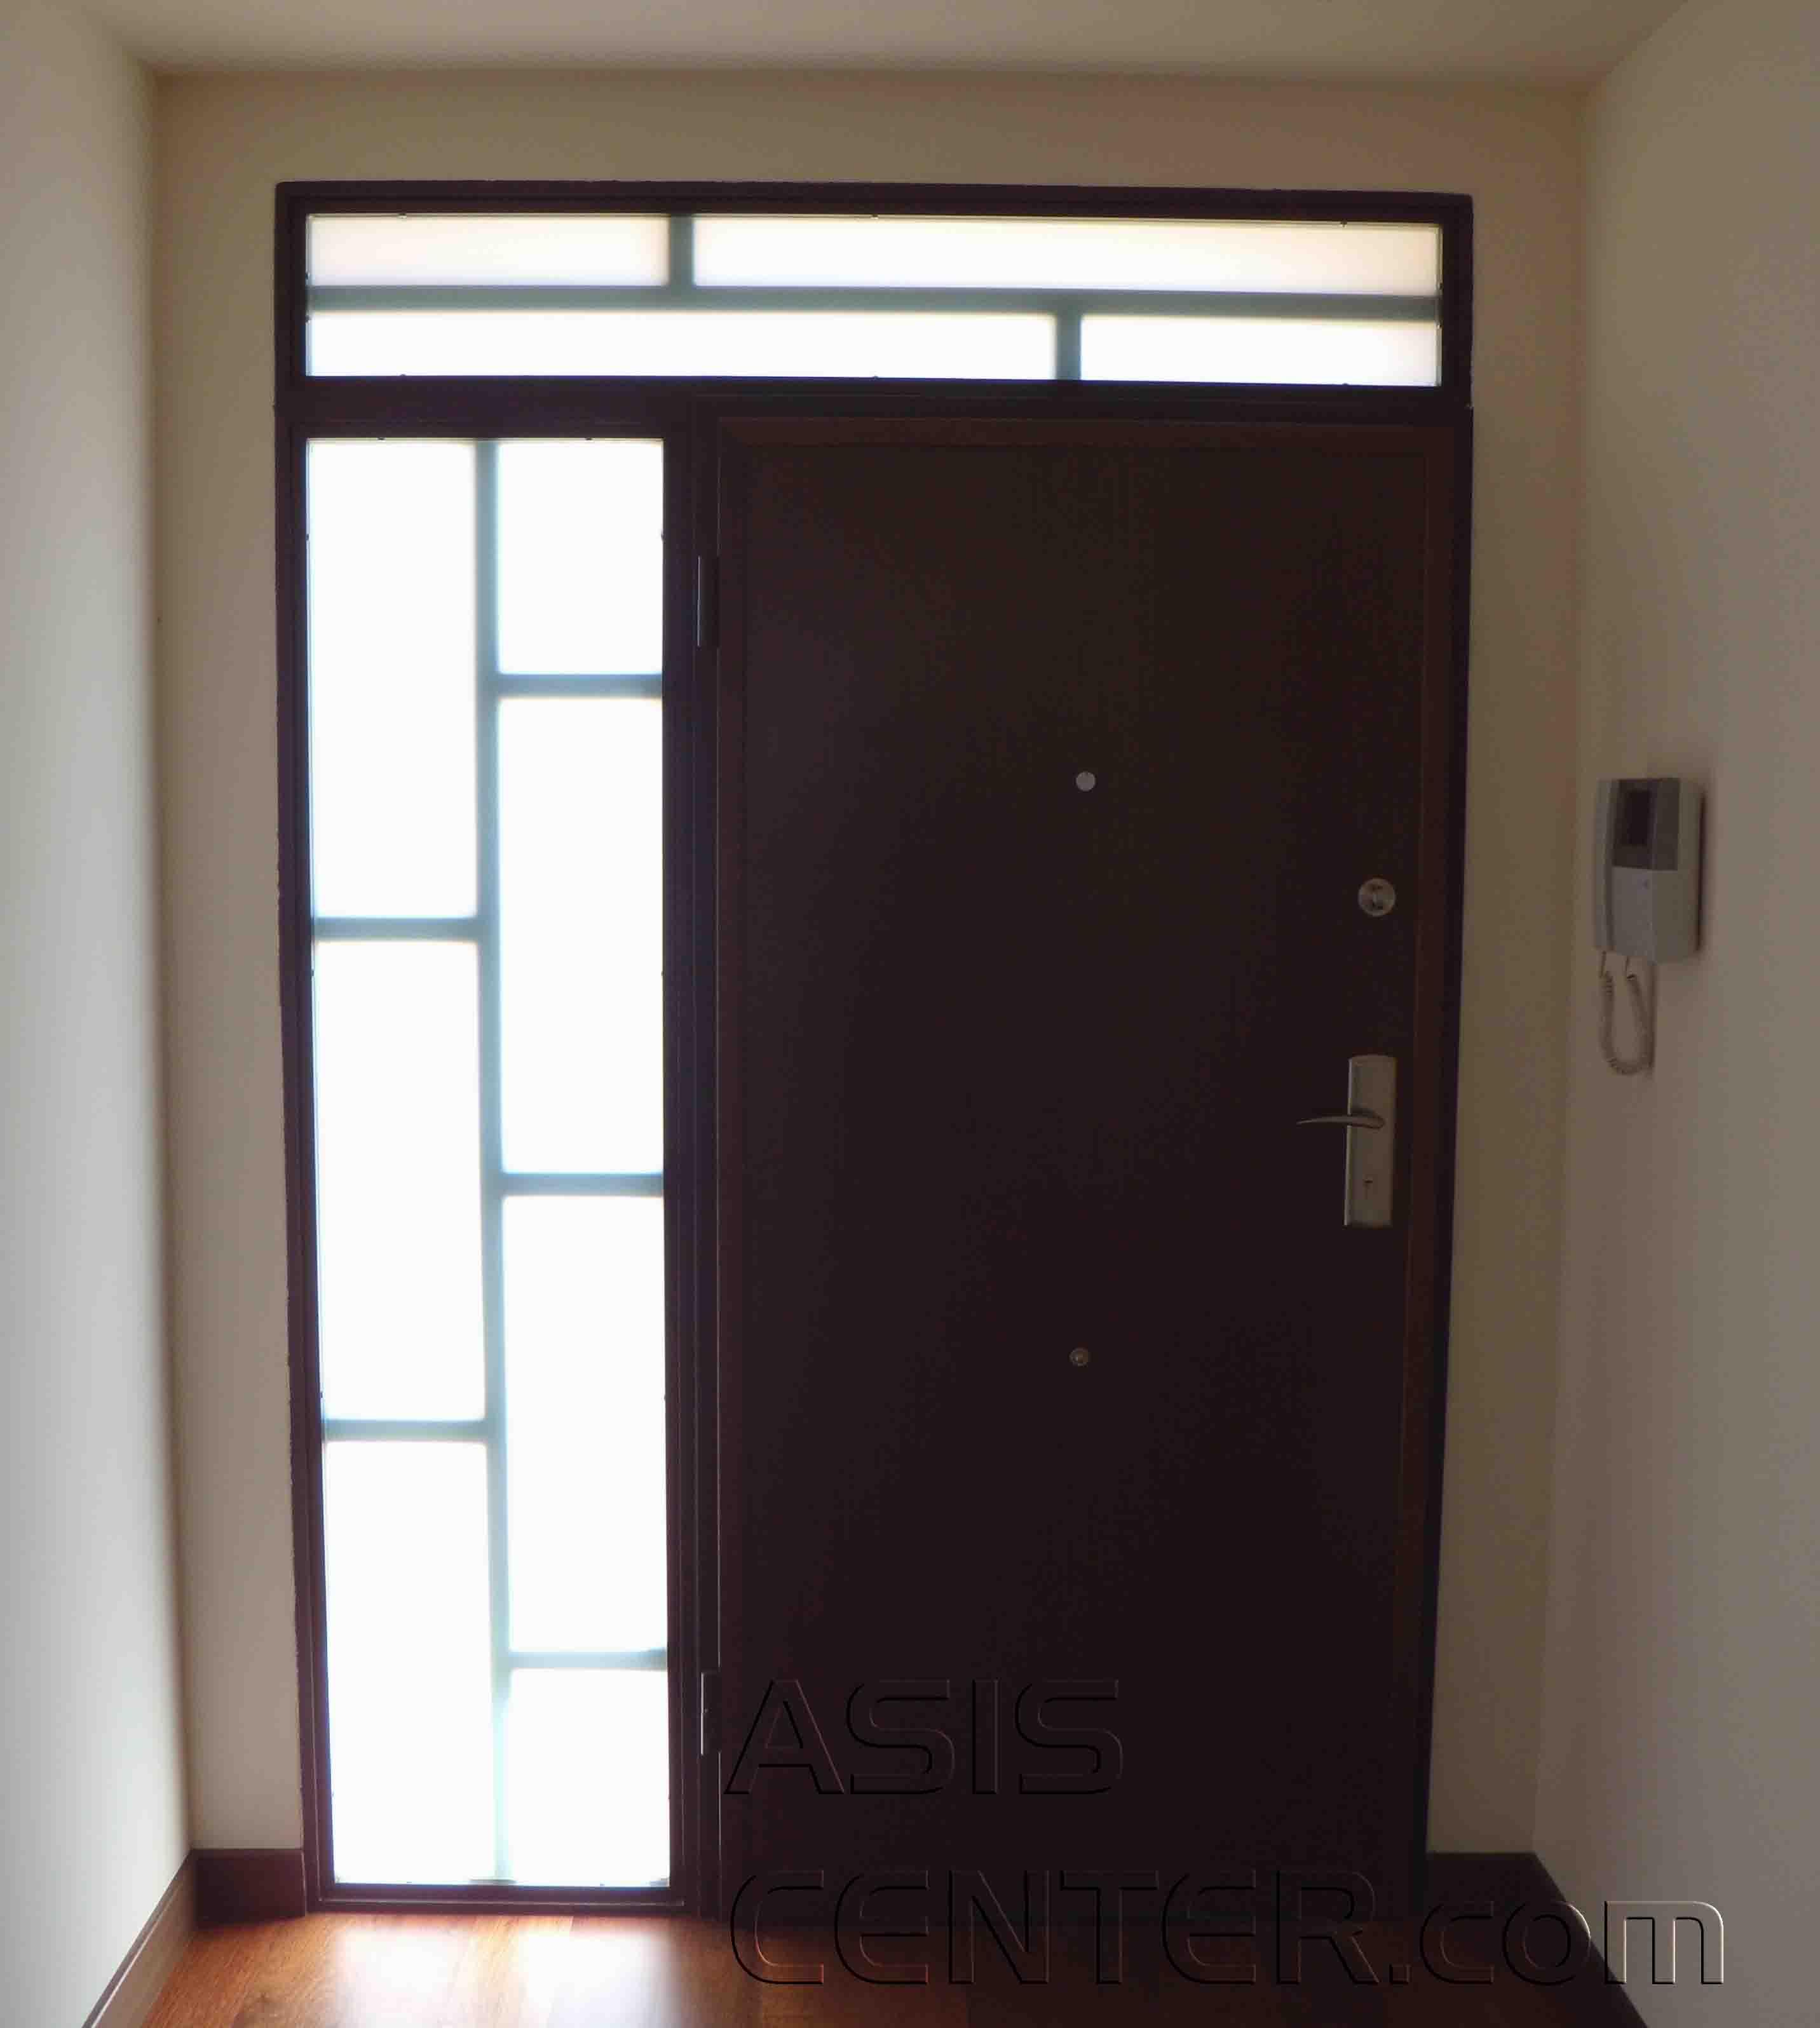 Fijos acorazados para puertas acorazadas blindadas - Cristal blindado precio ...